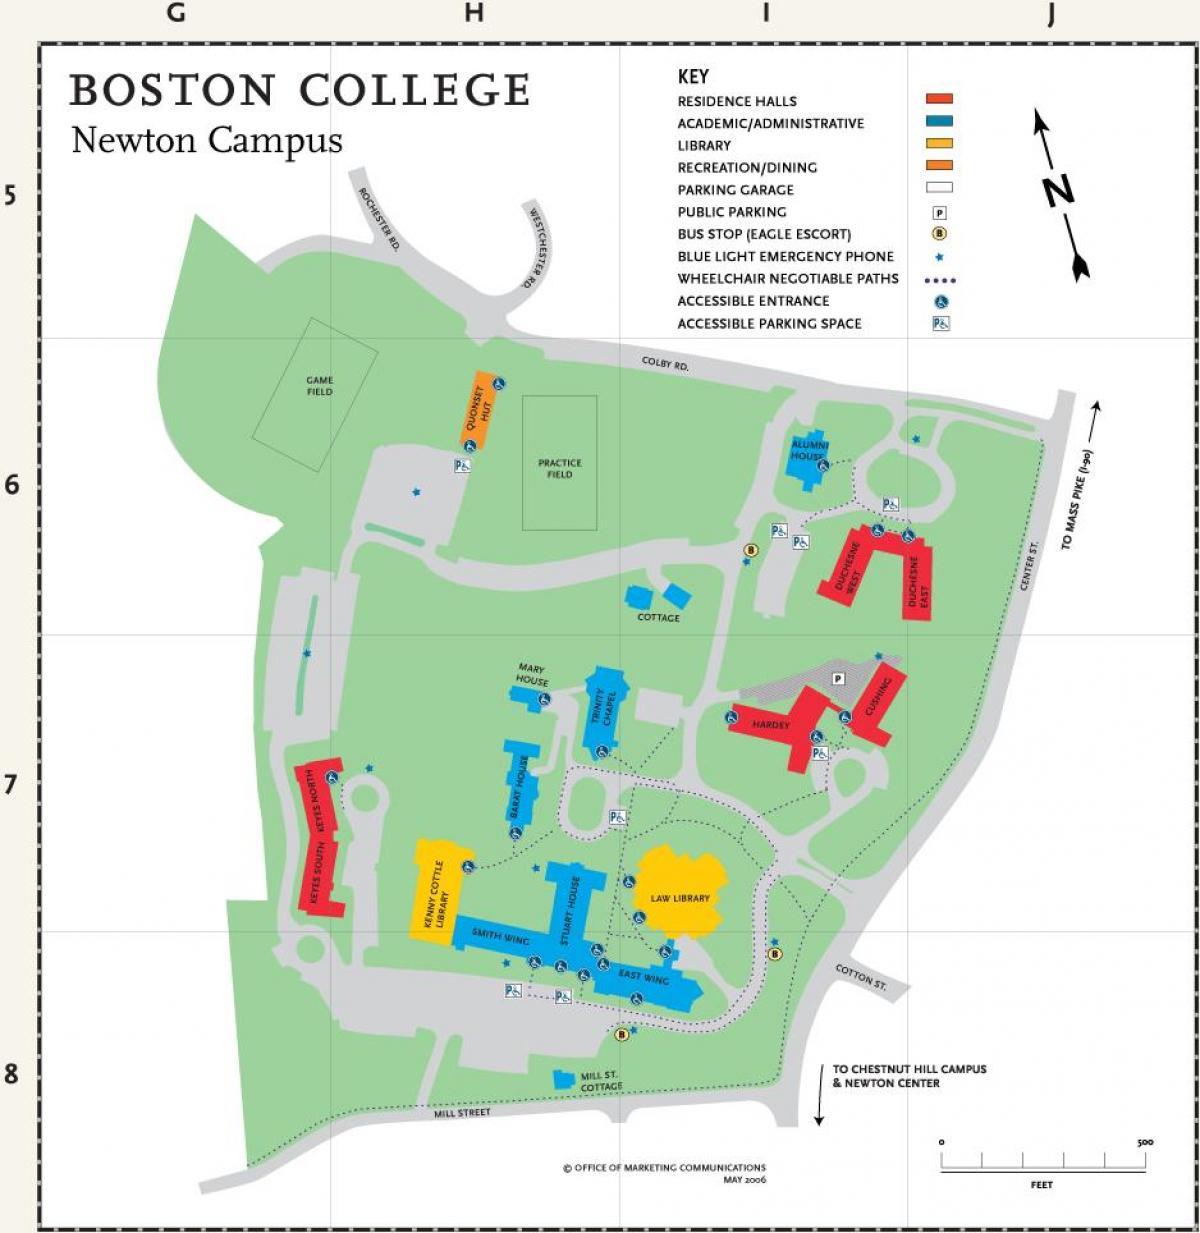 Boston college map - Map of Boston college (Vereinigte Staaten von ...